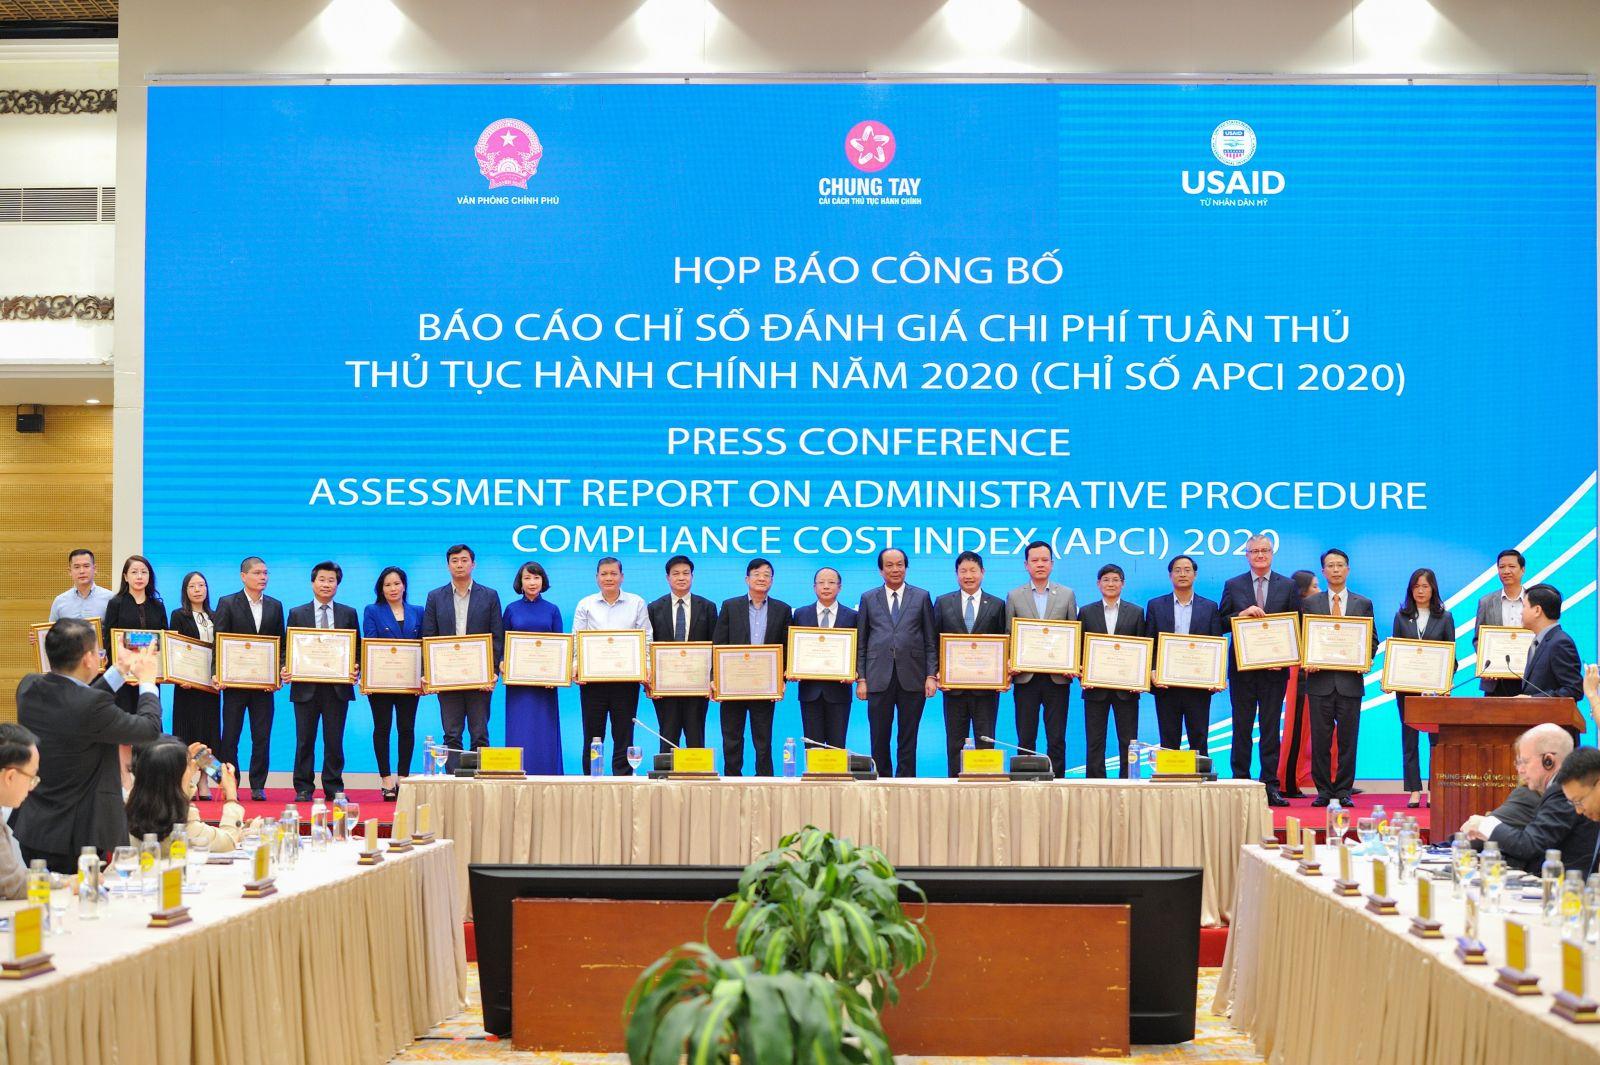 Các tập thể và cá nhân có thành tích xuất sắc trong triển khai hoạt động của hội đồng tư vấn CCTTHC giai đoạn 2017-2020